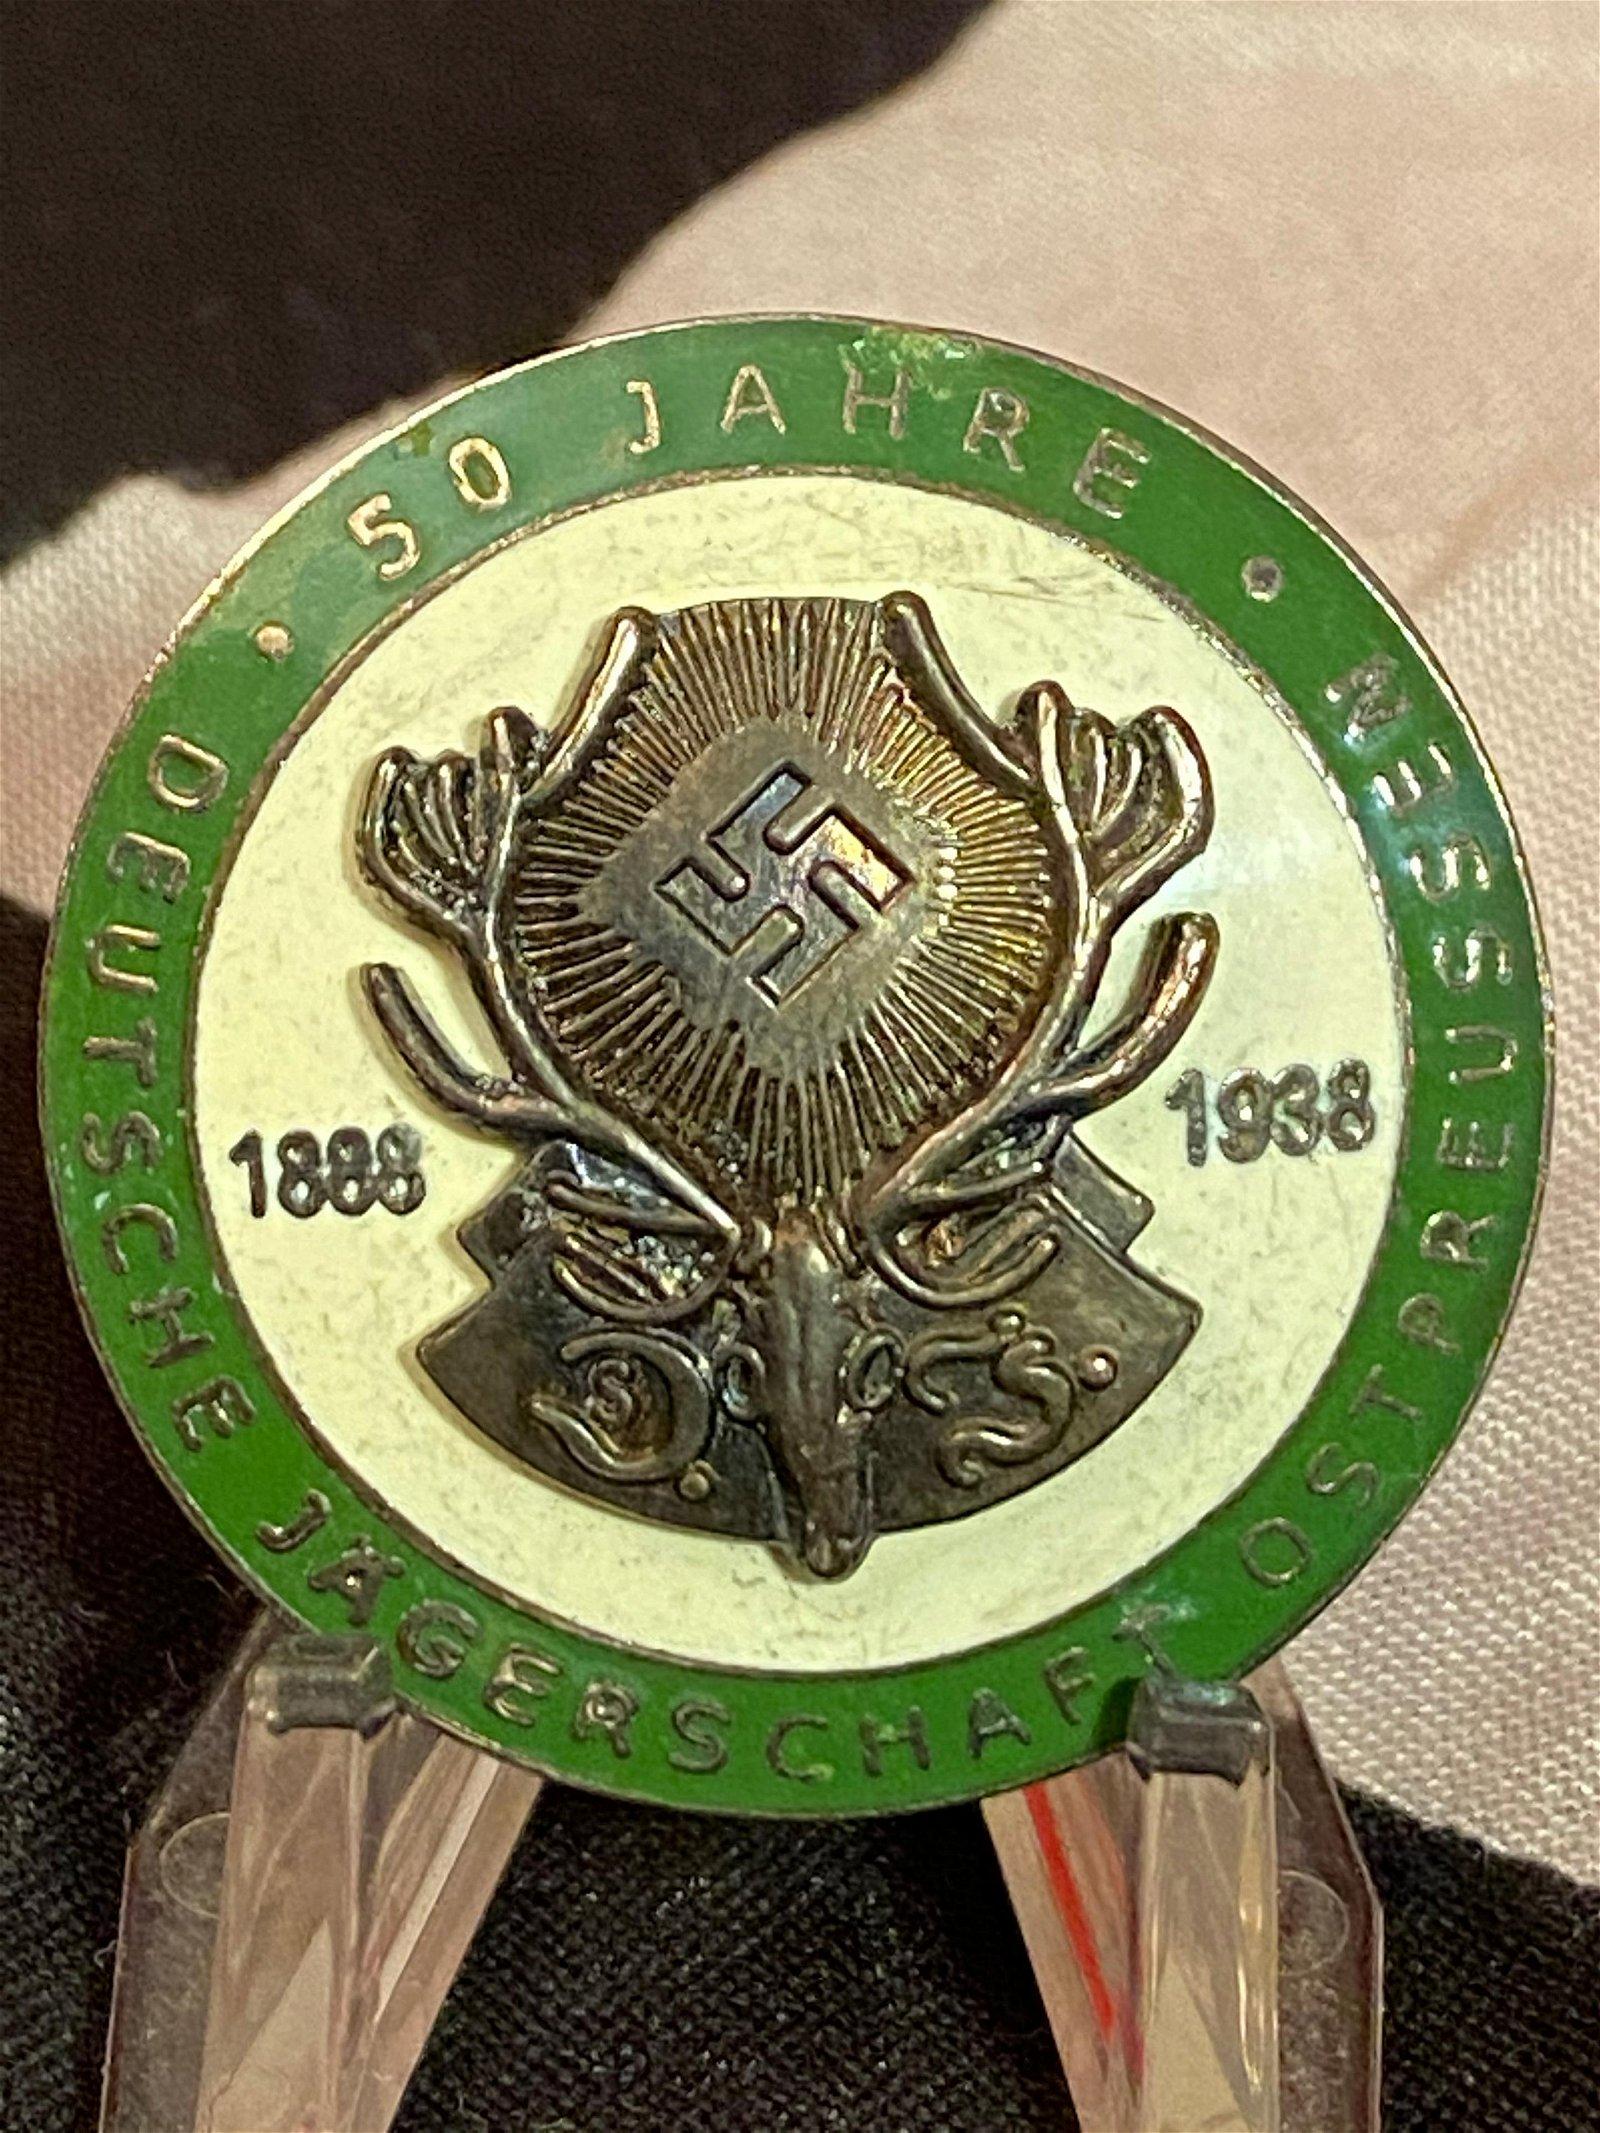 WW2 GERMAN DEUTSCHE JAGERSCHAFT 50 YR HUNTING BADGE